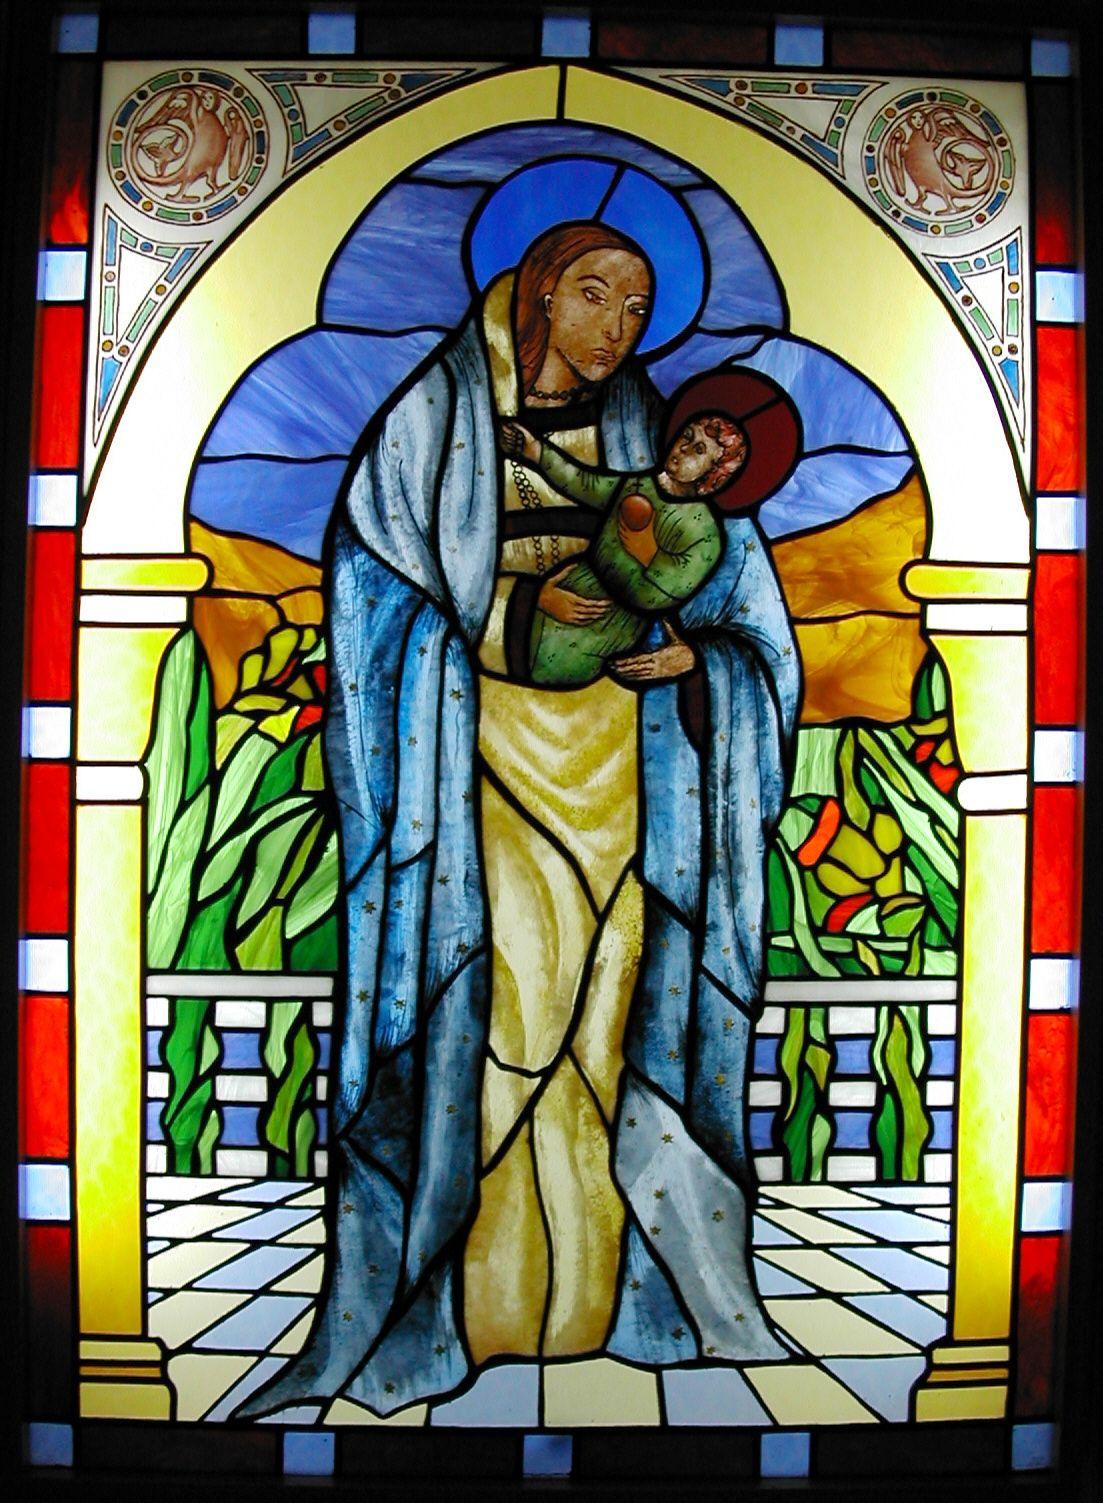 """AZHAR-GLASS Vidriera religiosa, reproducción de la """"Virgen del dado"""" de la Catedral de León. La imagen tal como se hizo; el fondo es una libre adaptación."""